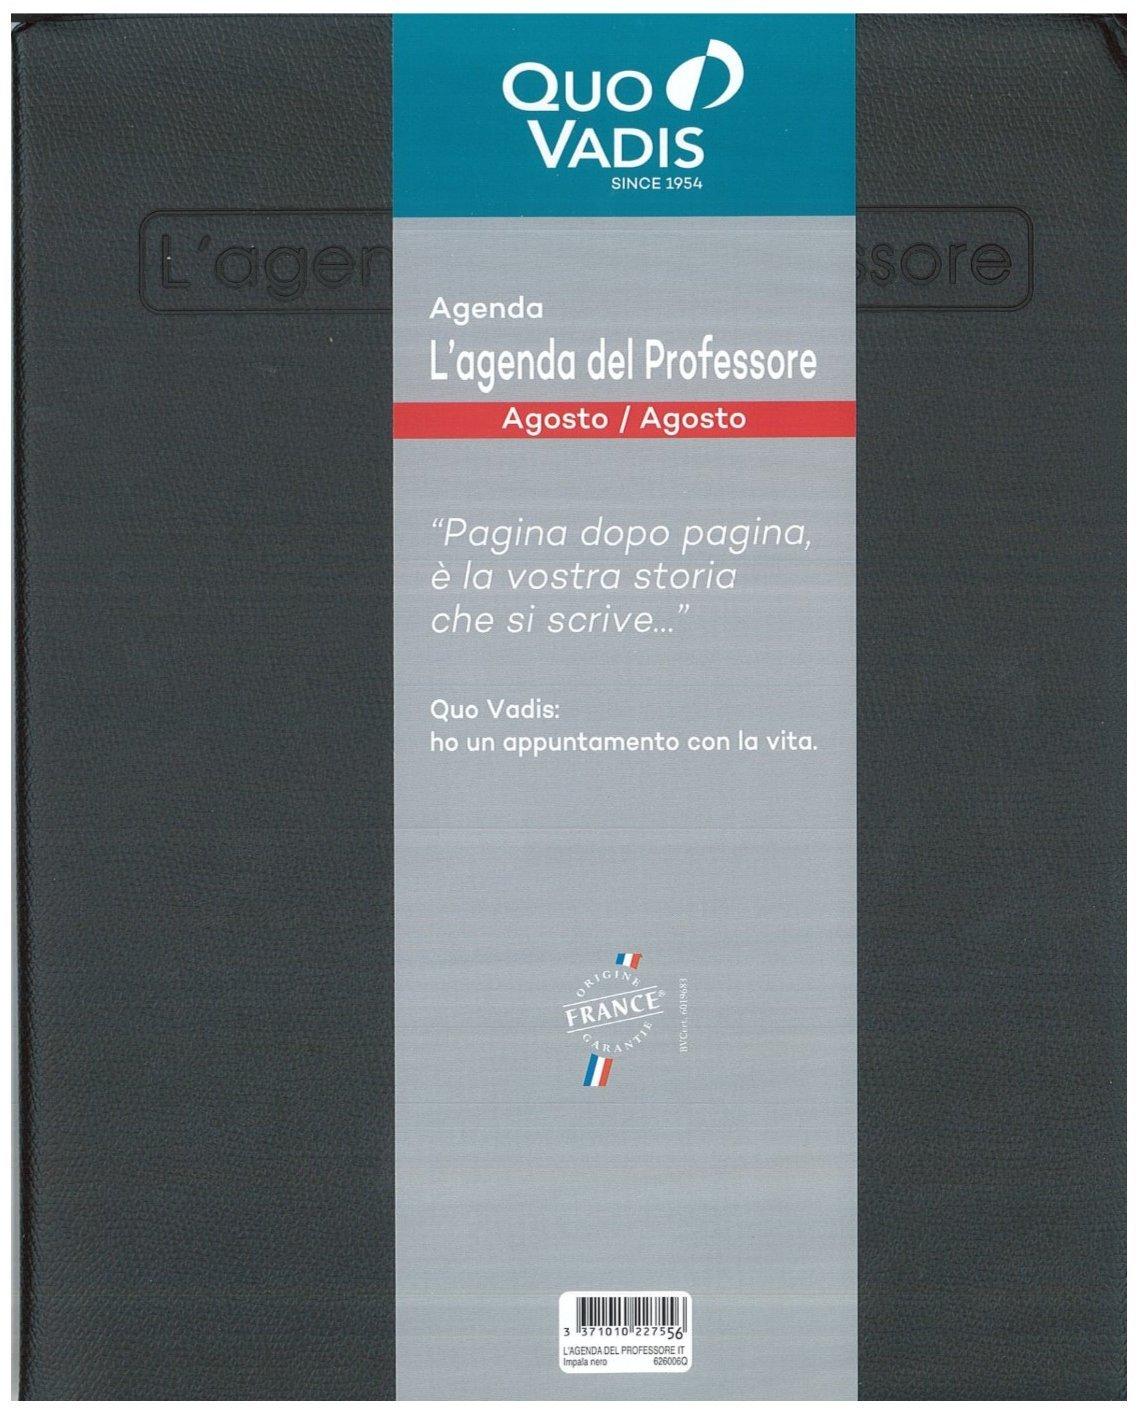 QUO VADIS AGENDA DEL PROFESOR DE AGOSTO DE 2014 DE AGOSTO DE ...